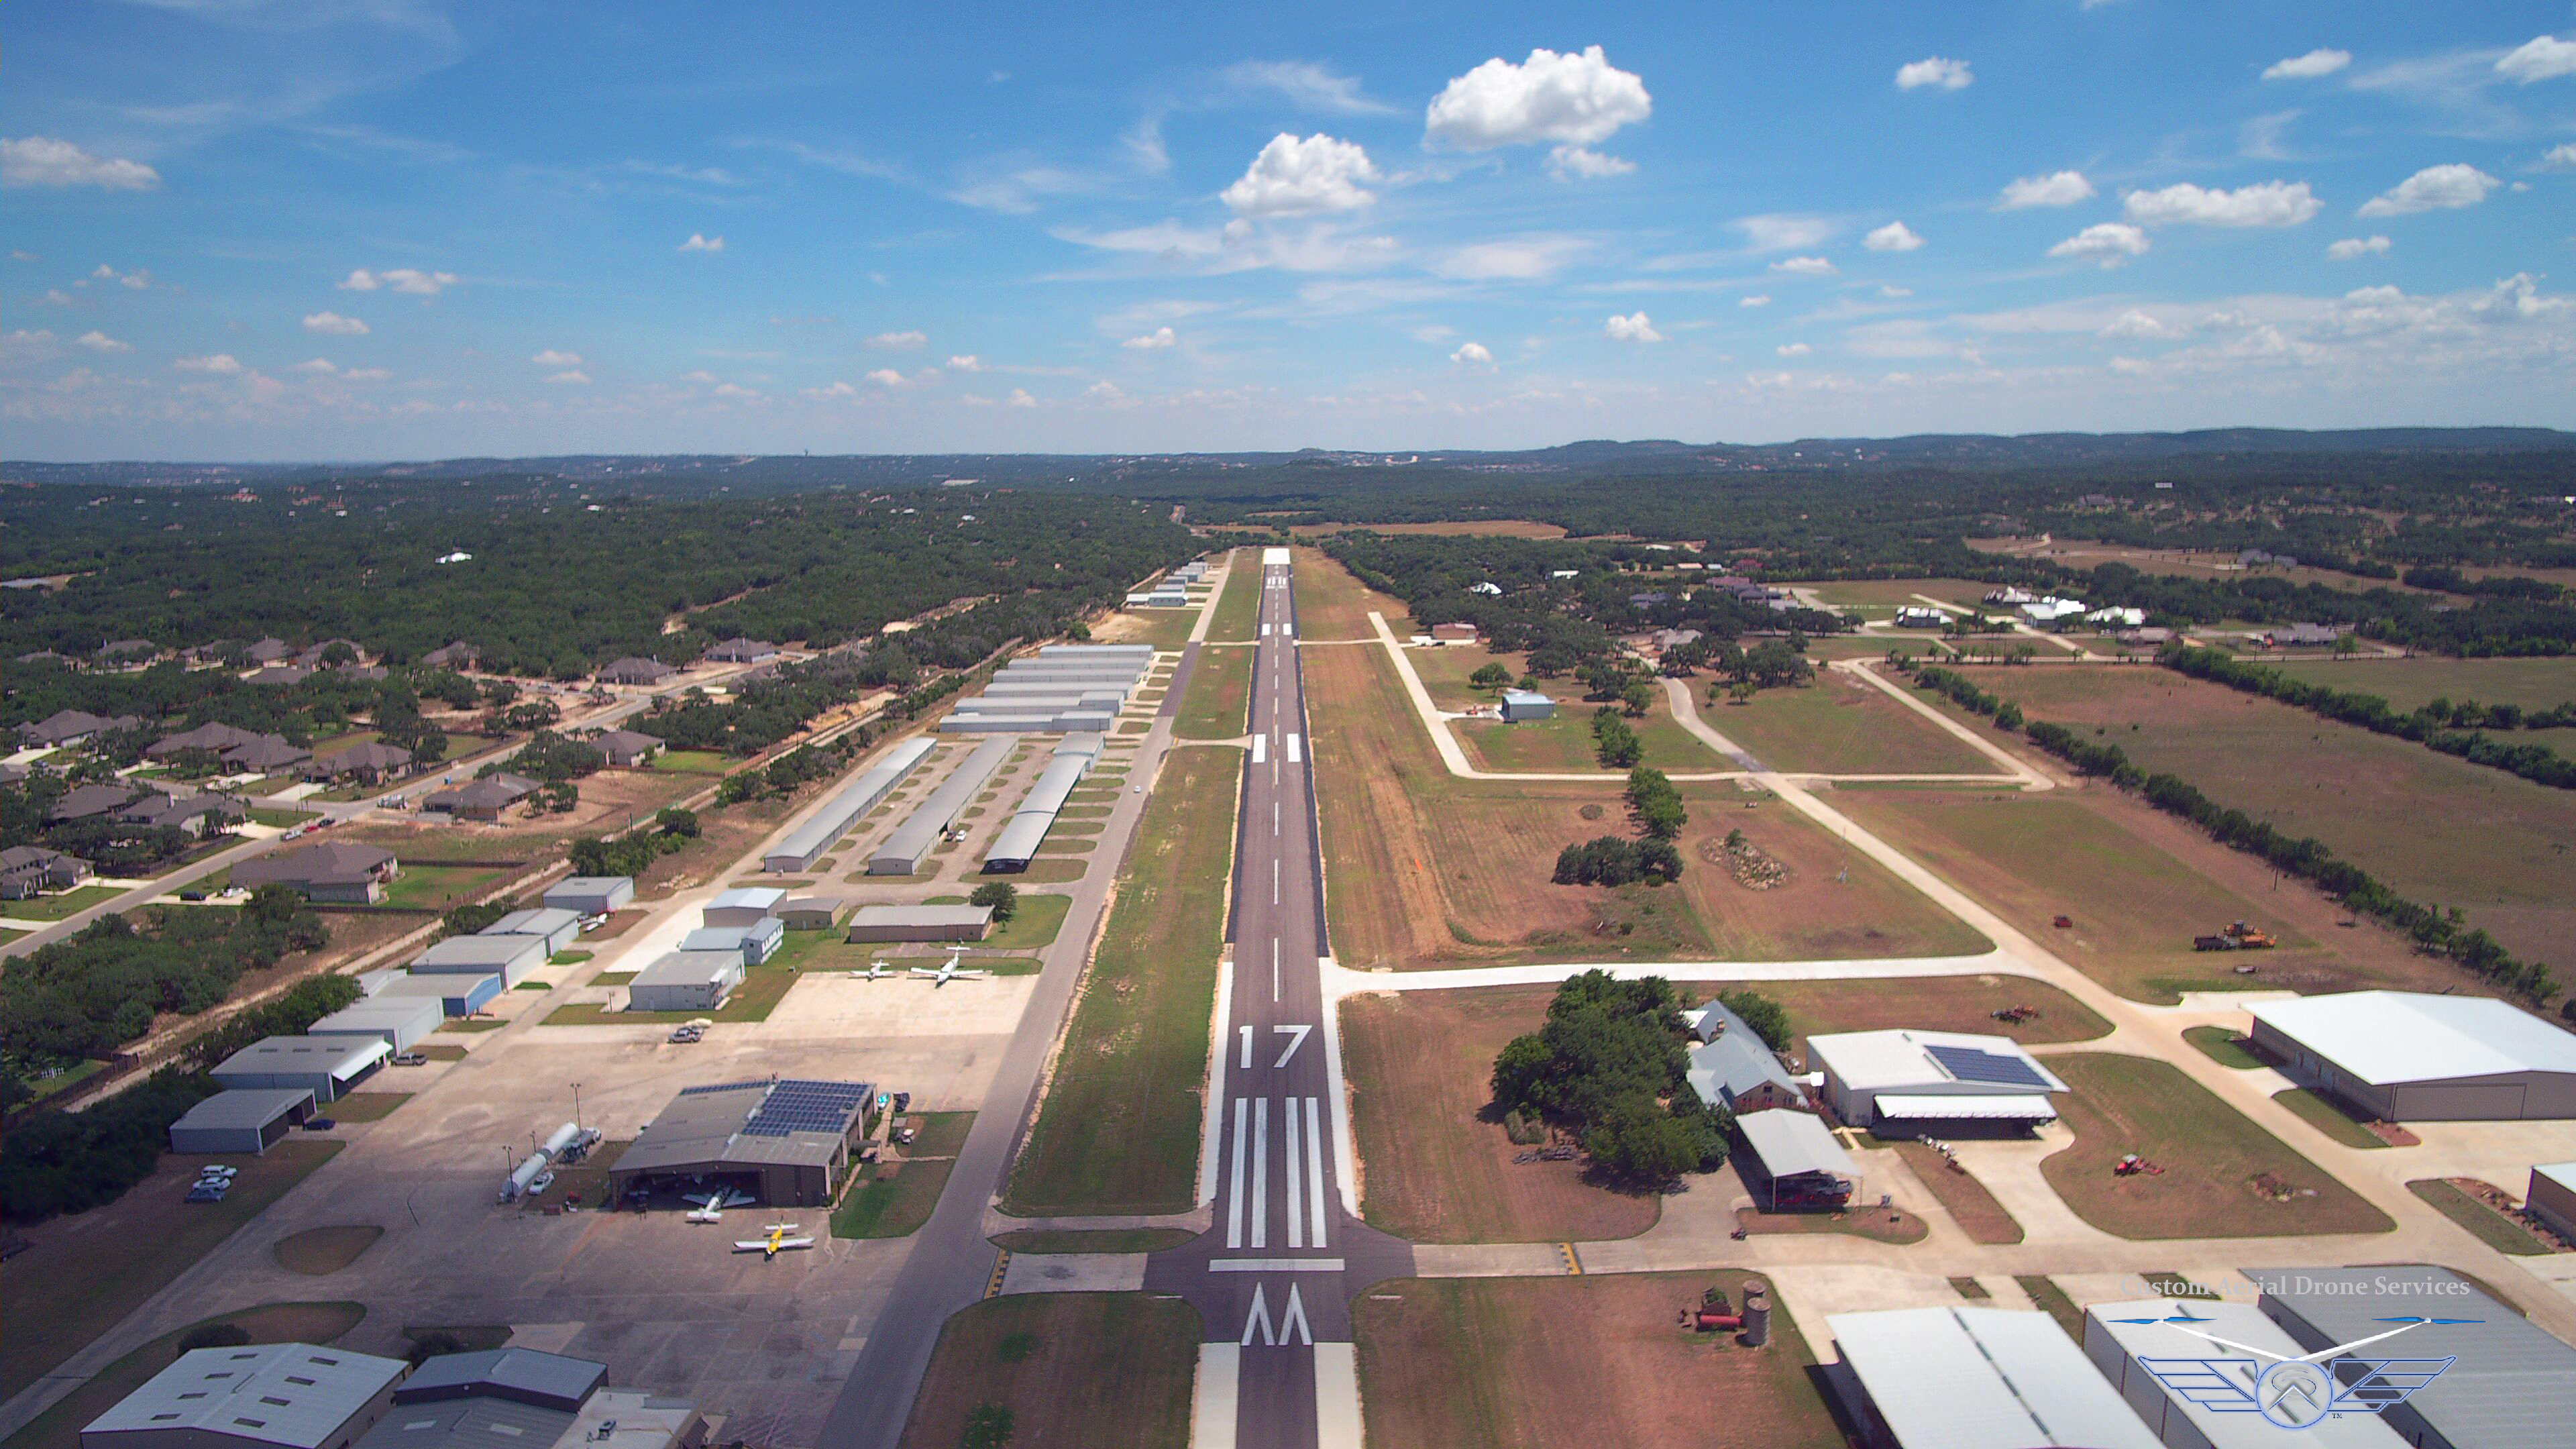 Boerne Stage Airfield 5C1, Runway 17